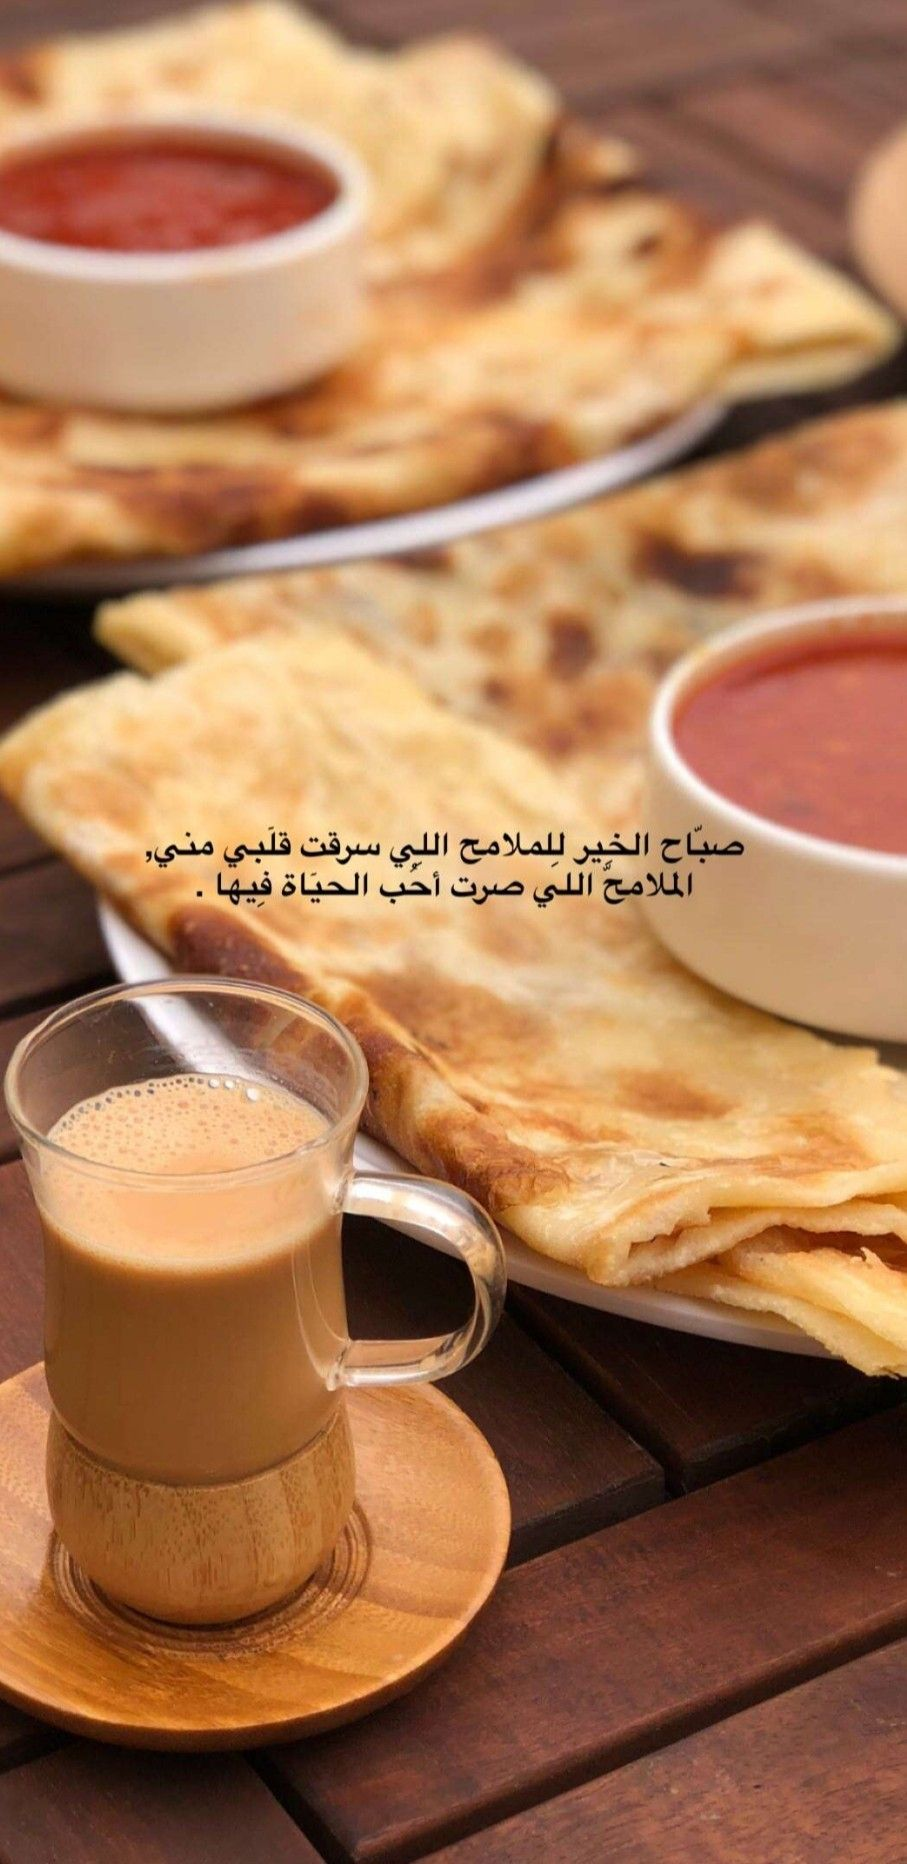 صباح الخير يا جنتي الحلوة حبيبة قلبي Sweet Words Arabic Quotes Arabic Love Quotes